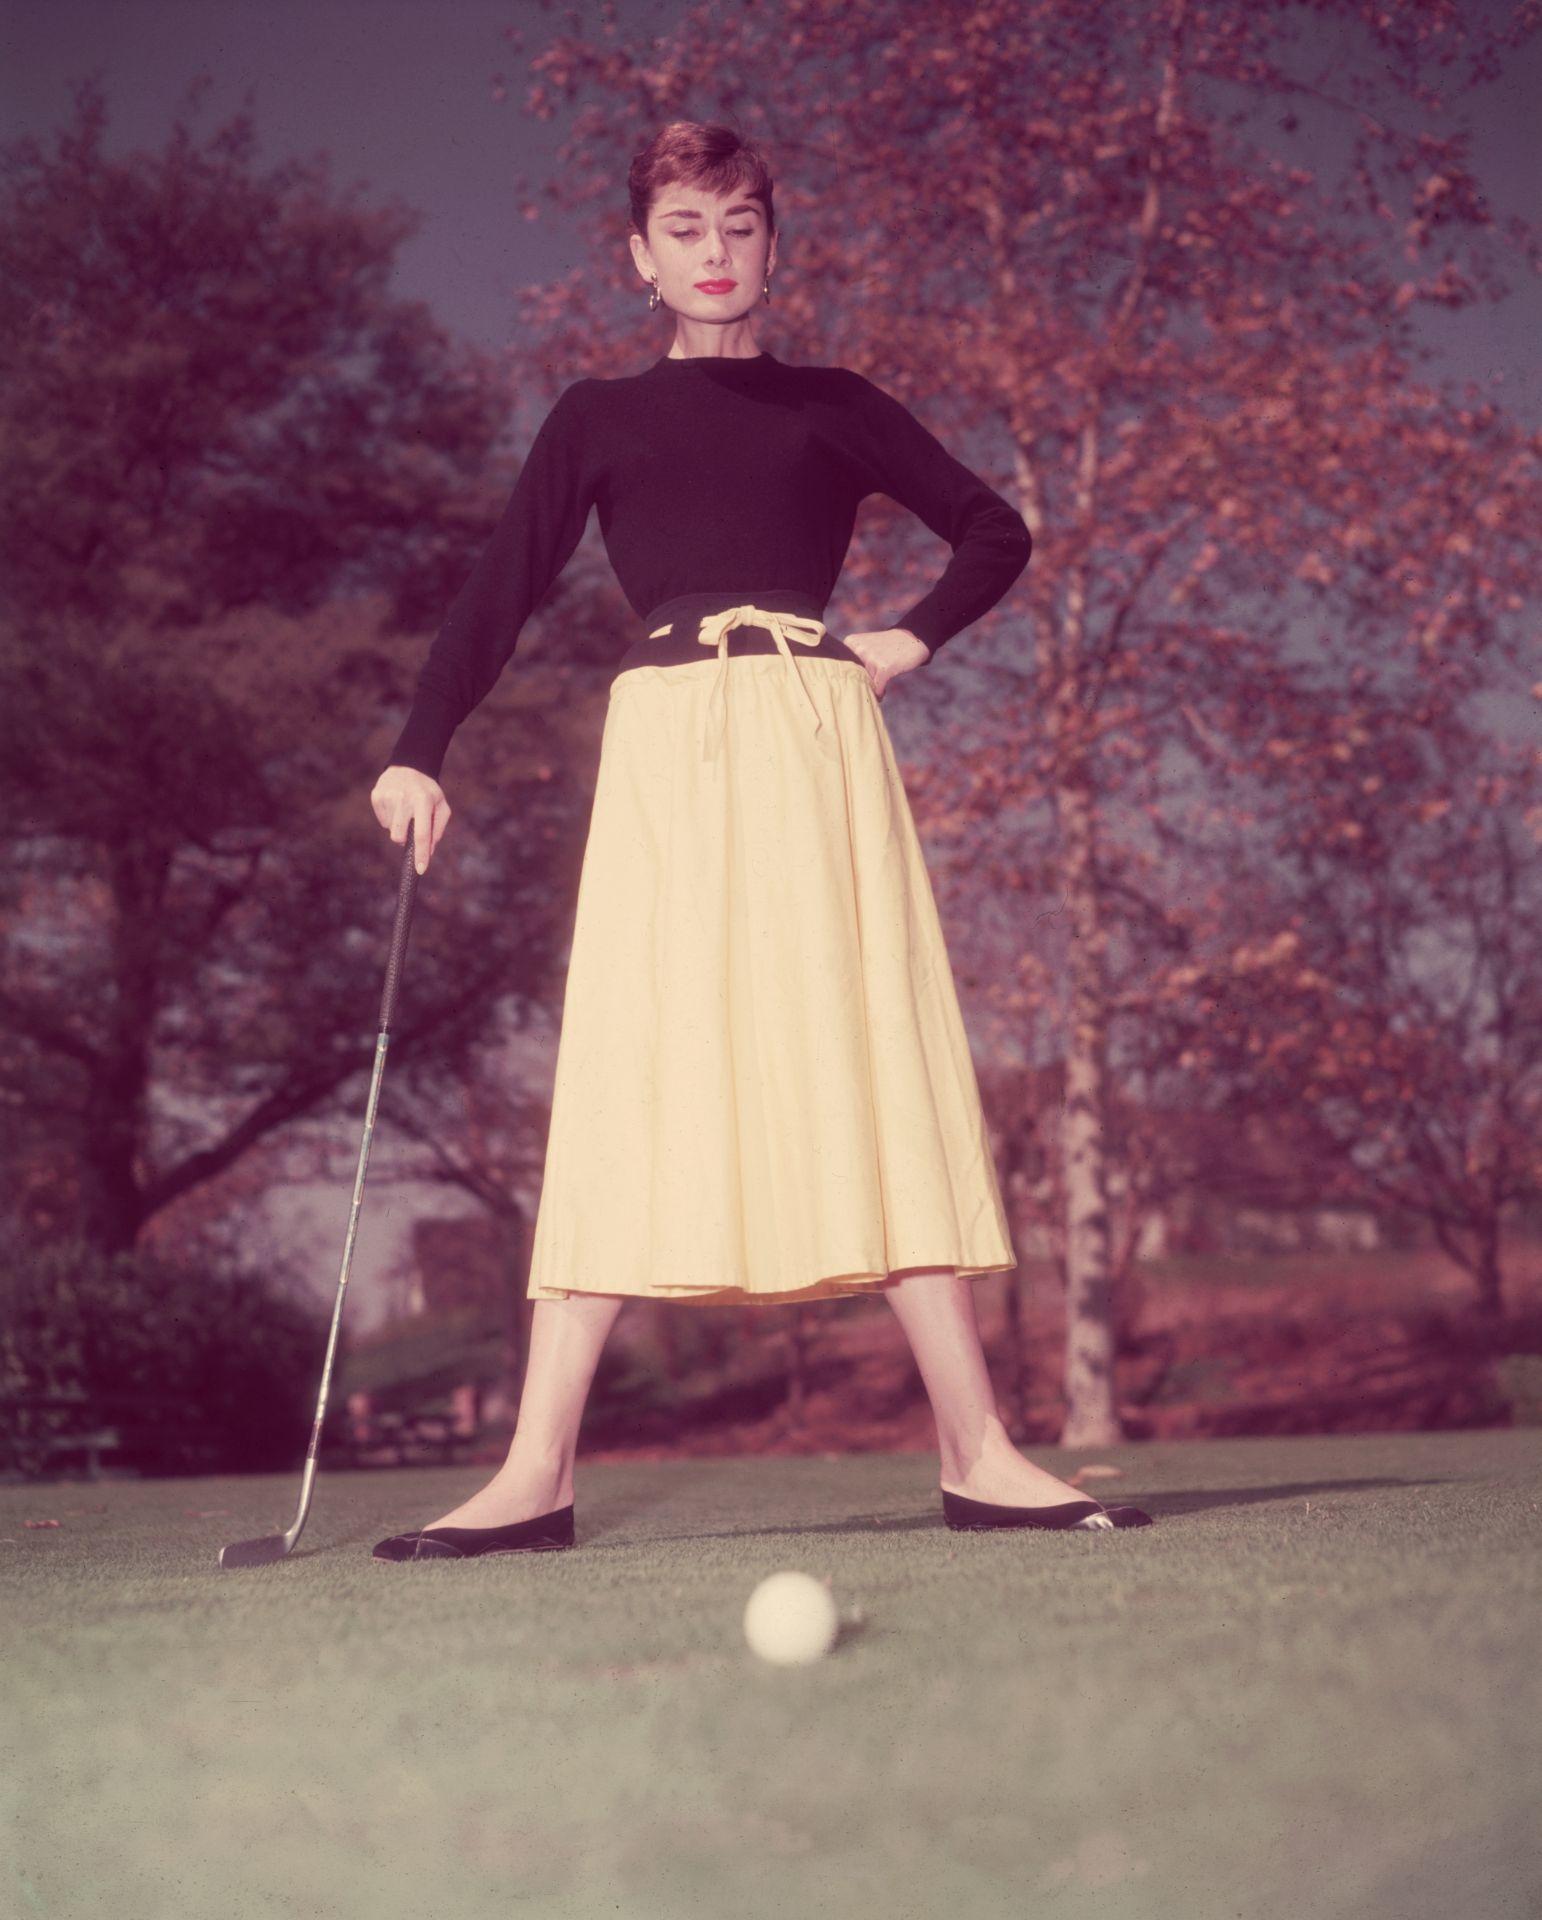 Audrey Hepburn tökéletes megtestesítője volt a gamine stílusnak.